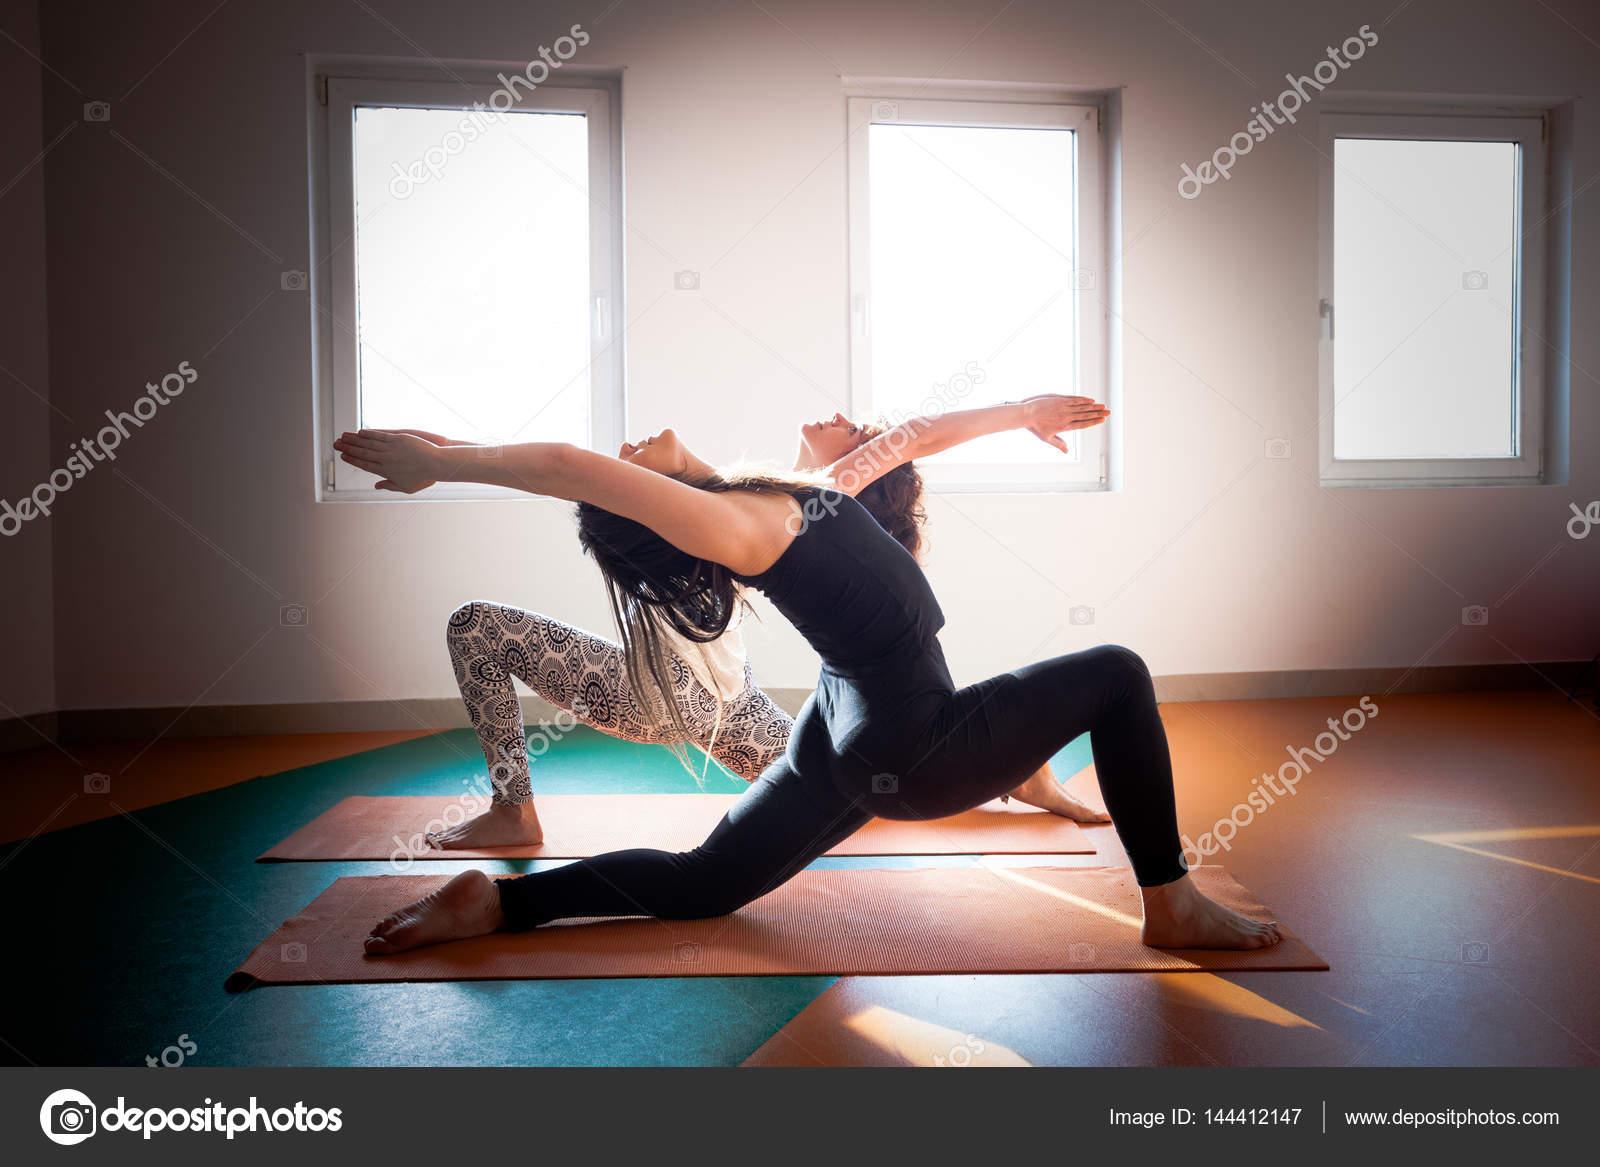 dos mujeres haciendo yoga interior — Foto de stock © cokacoka  144412147 e5ef9aec220e